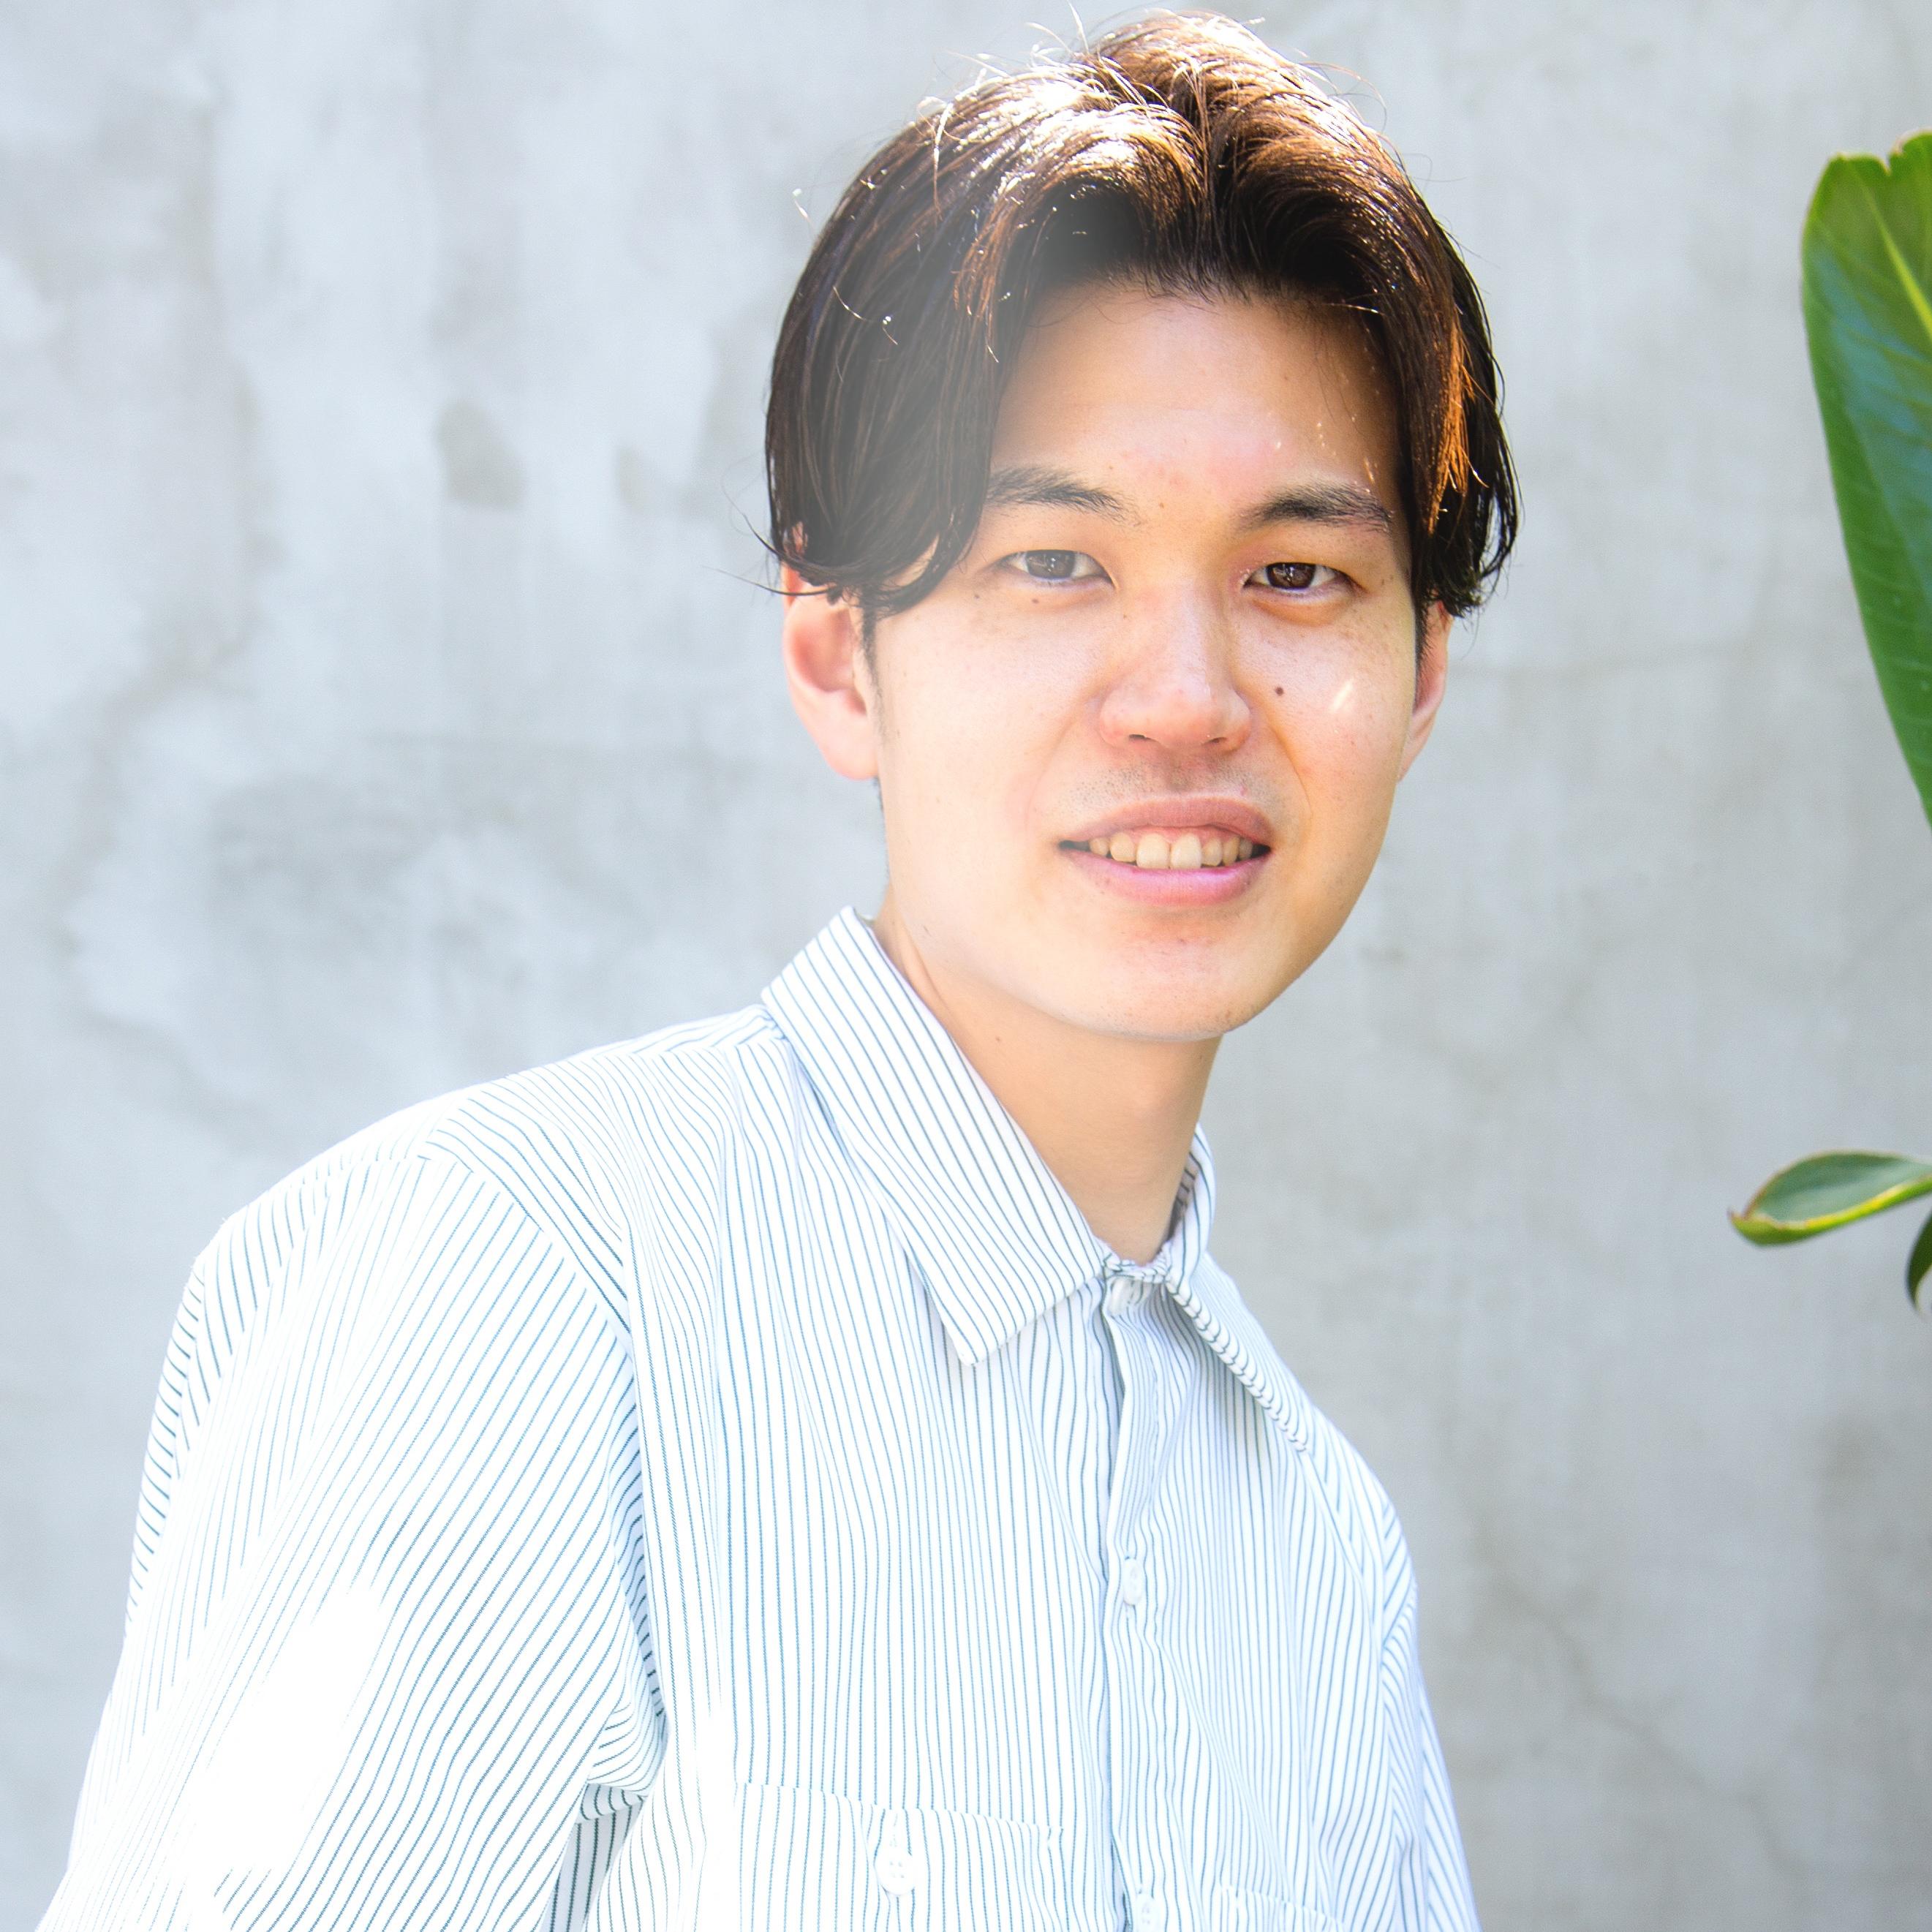 【骨格補正のプロ】石坂ゆうと/ボブ・ショートヘア